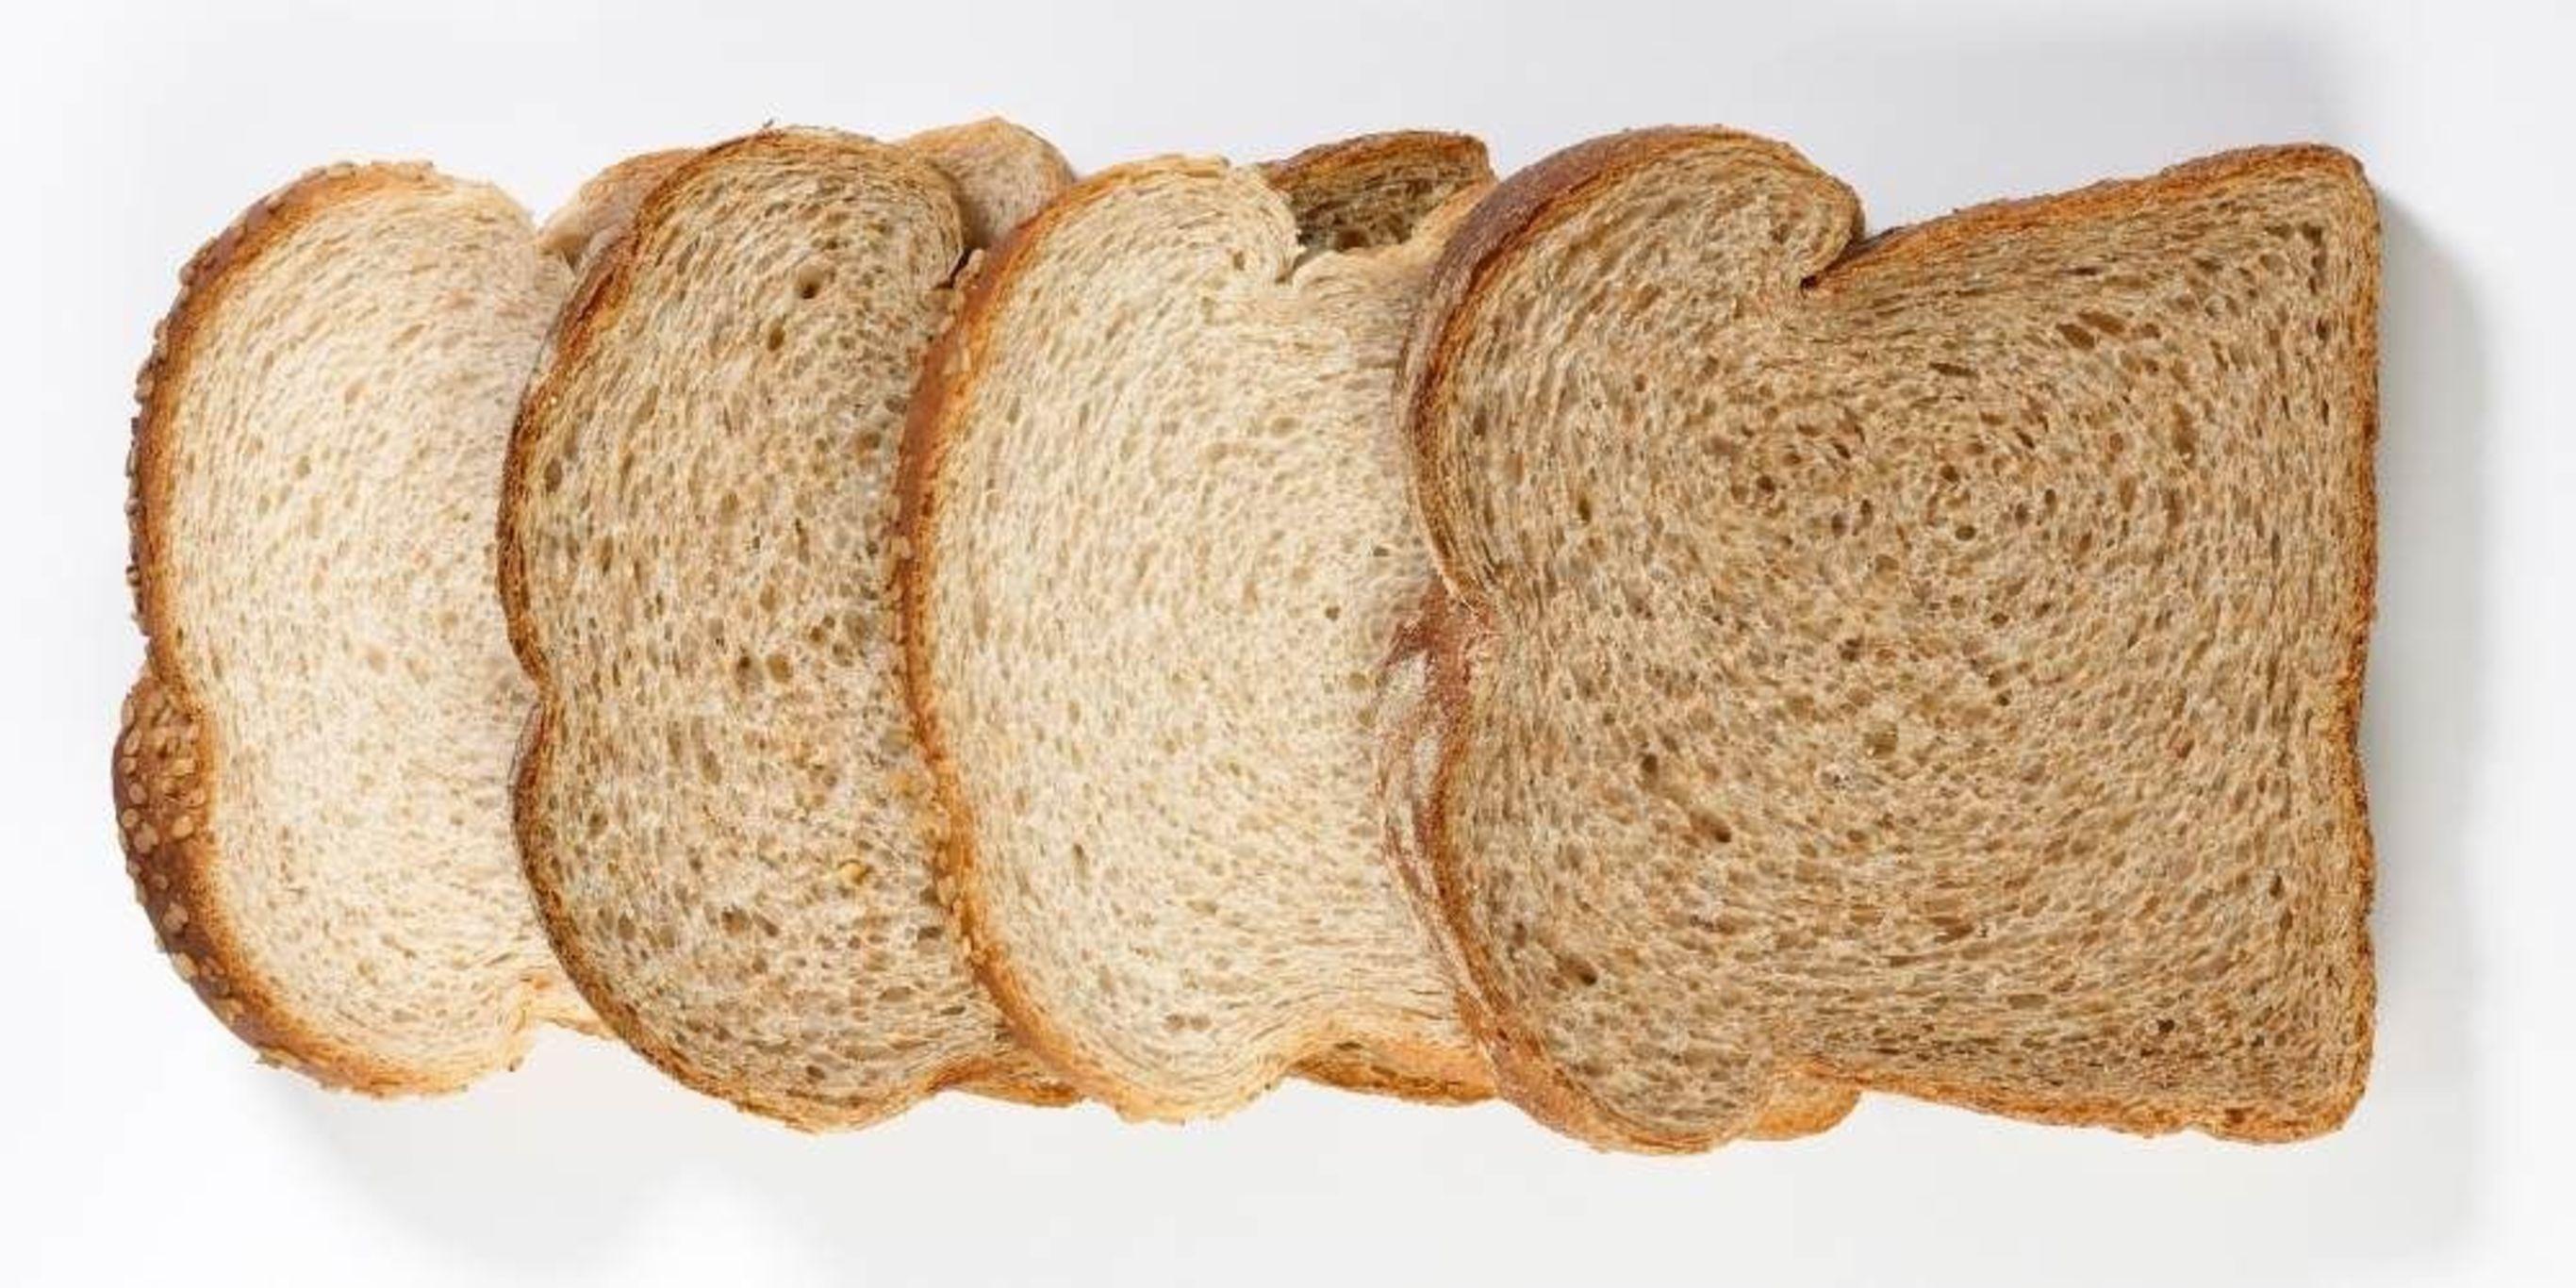 image for Εντάξτε θρεπτικά συστατικά και σπόρους στη διατροφή σας!